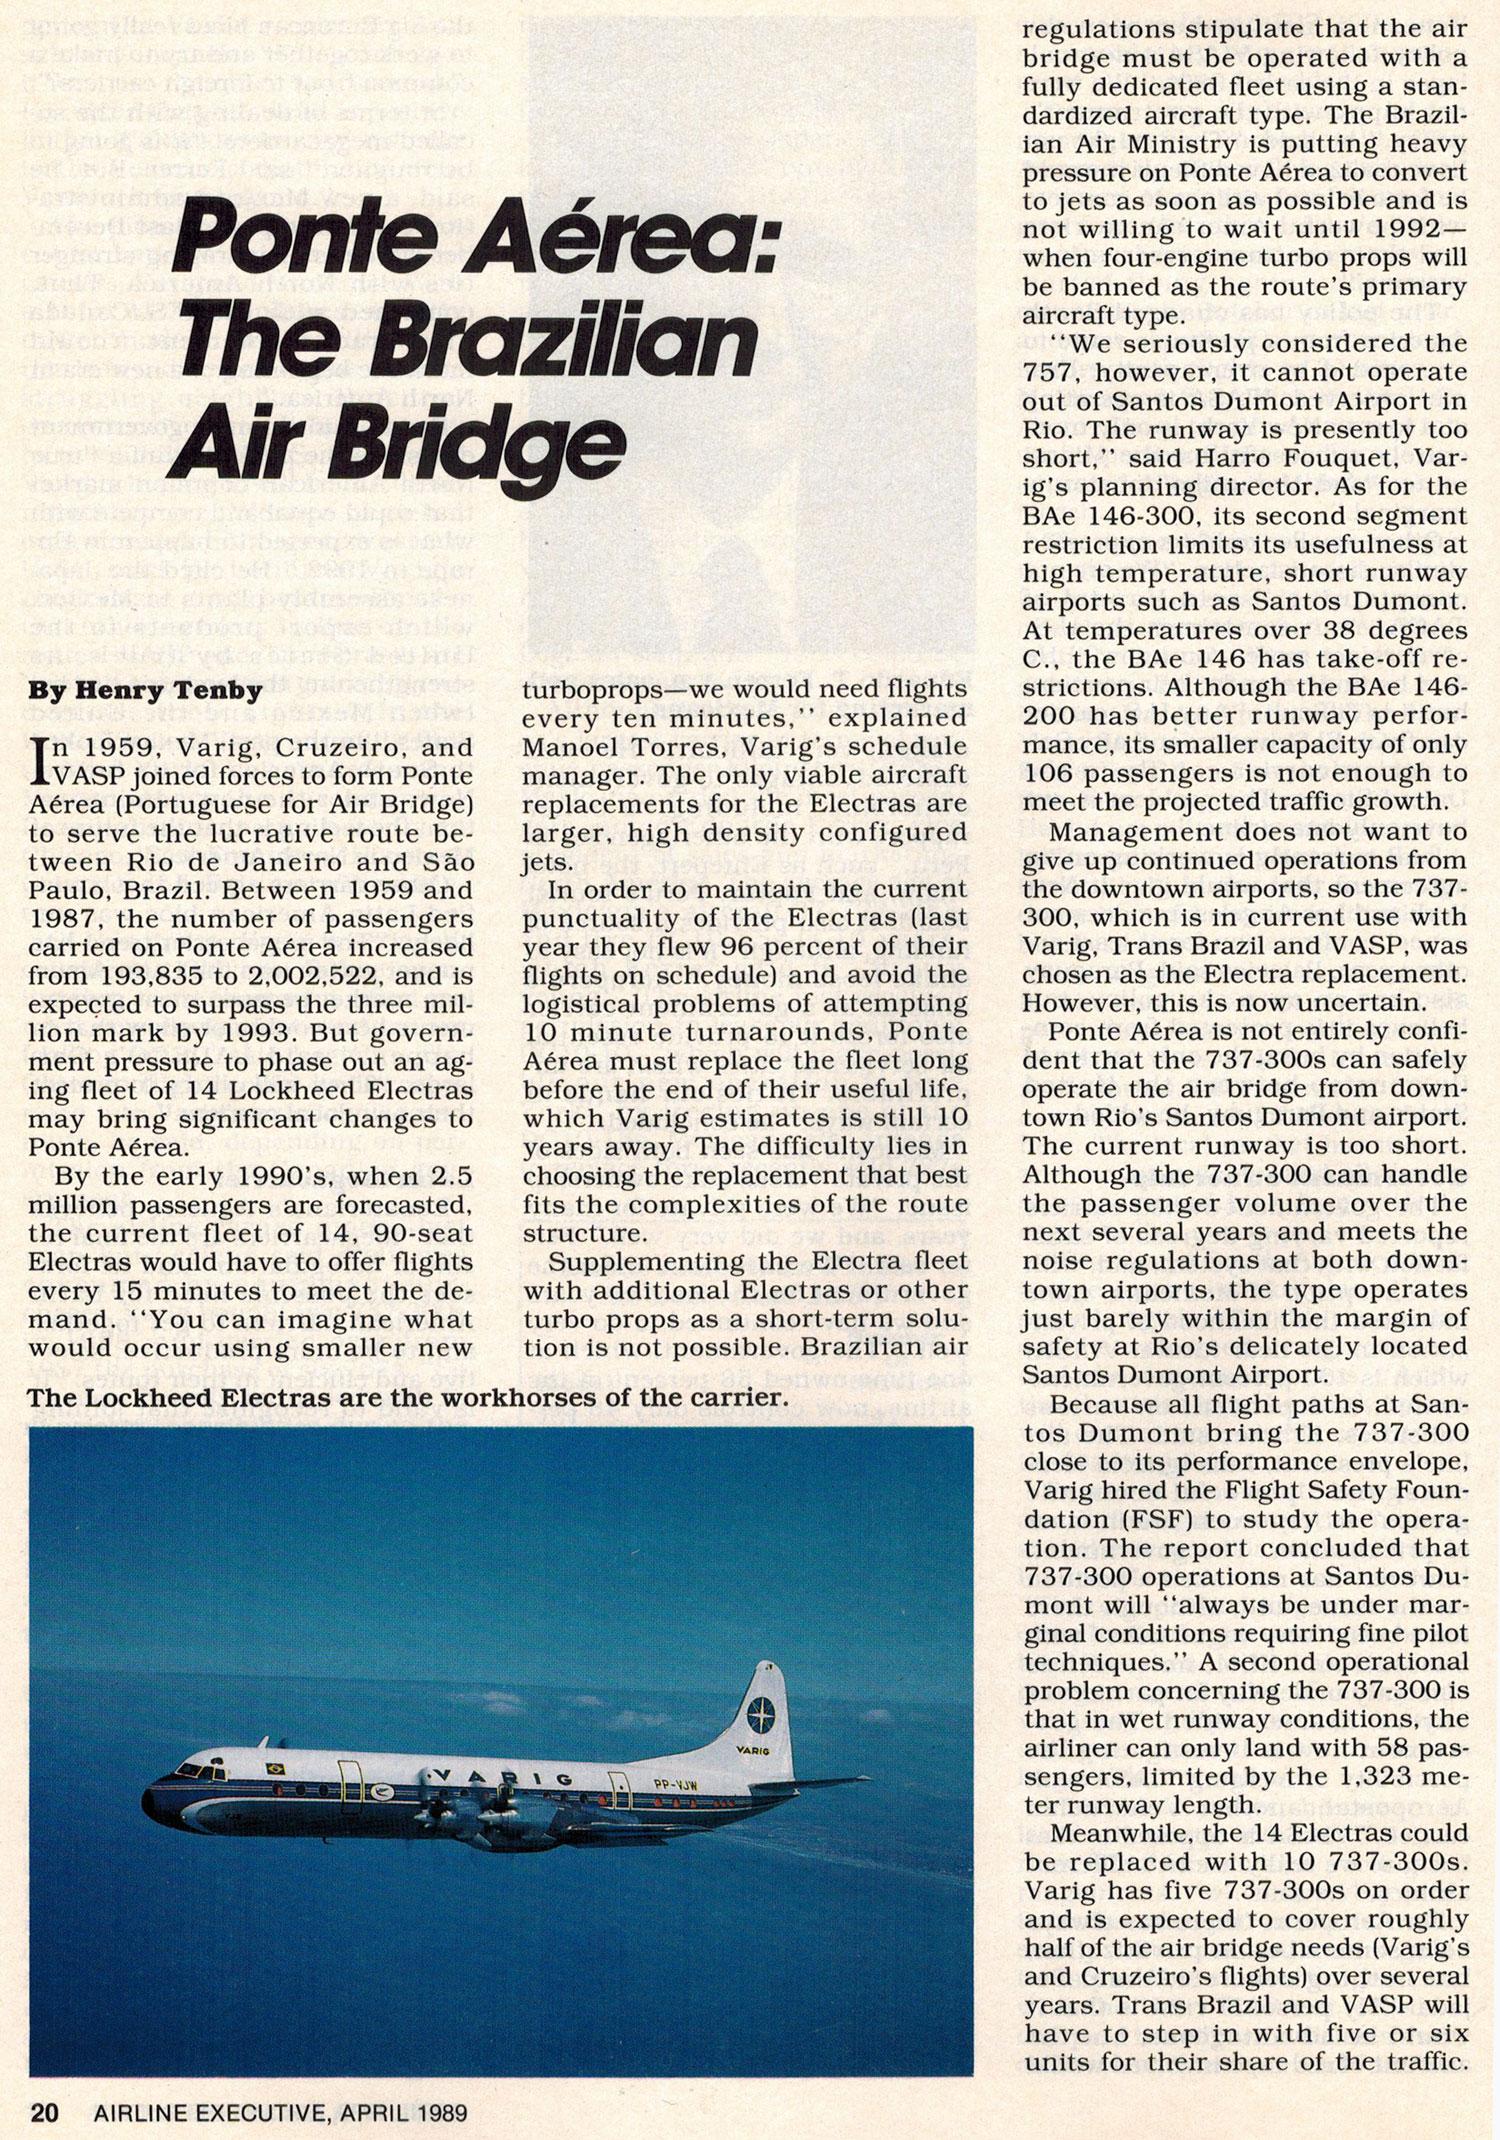 VARIG Ponte Aerea Lockheed Electra operation